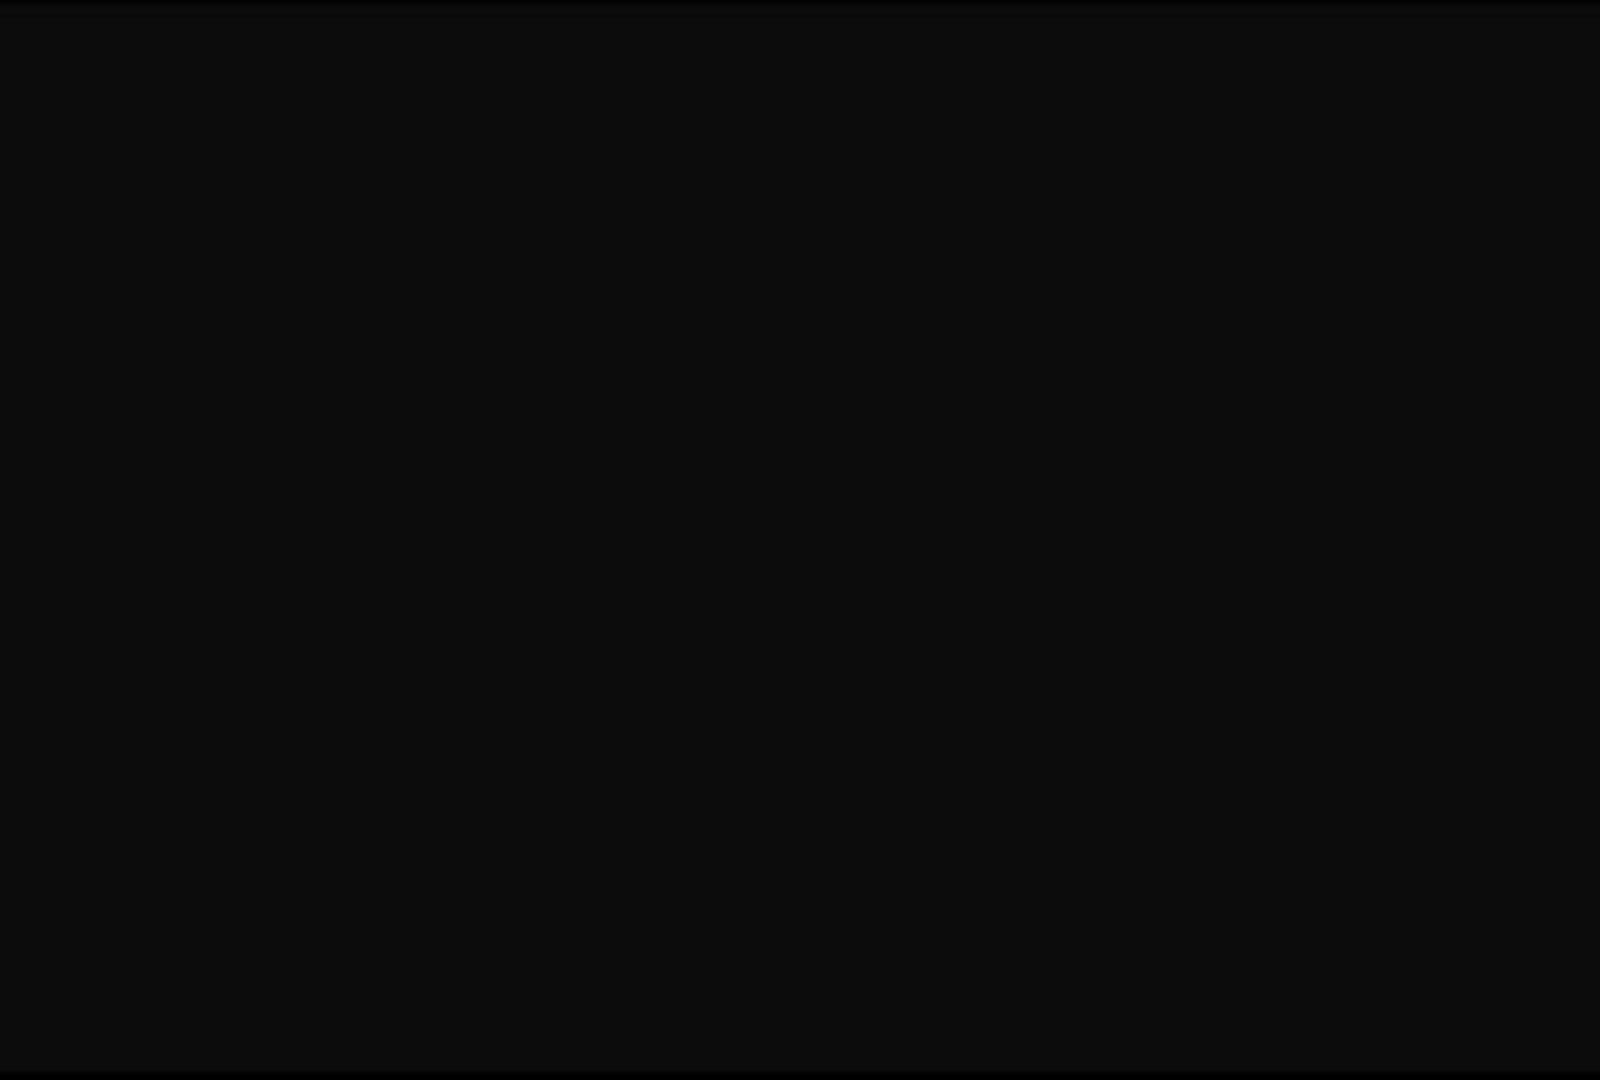 フリマのギャルパンVol.7 ギャルの実態  38pic 21